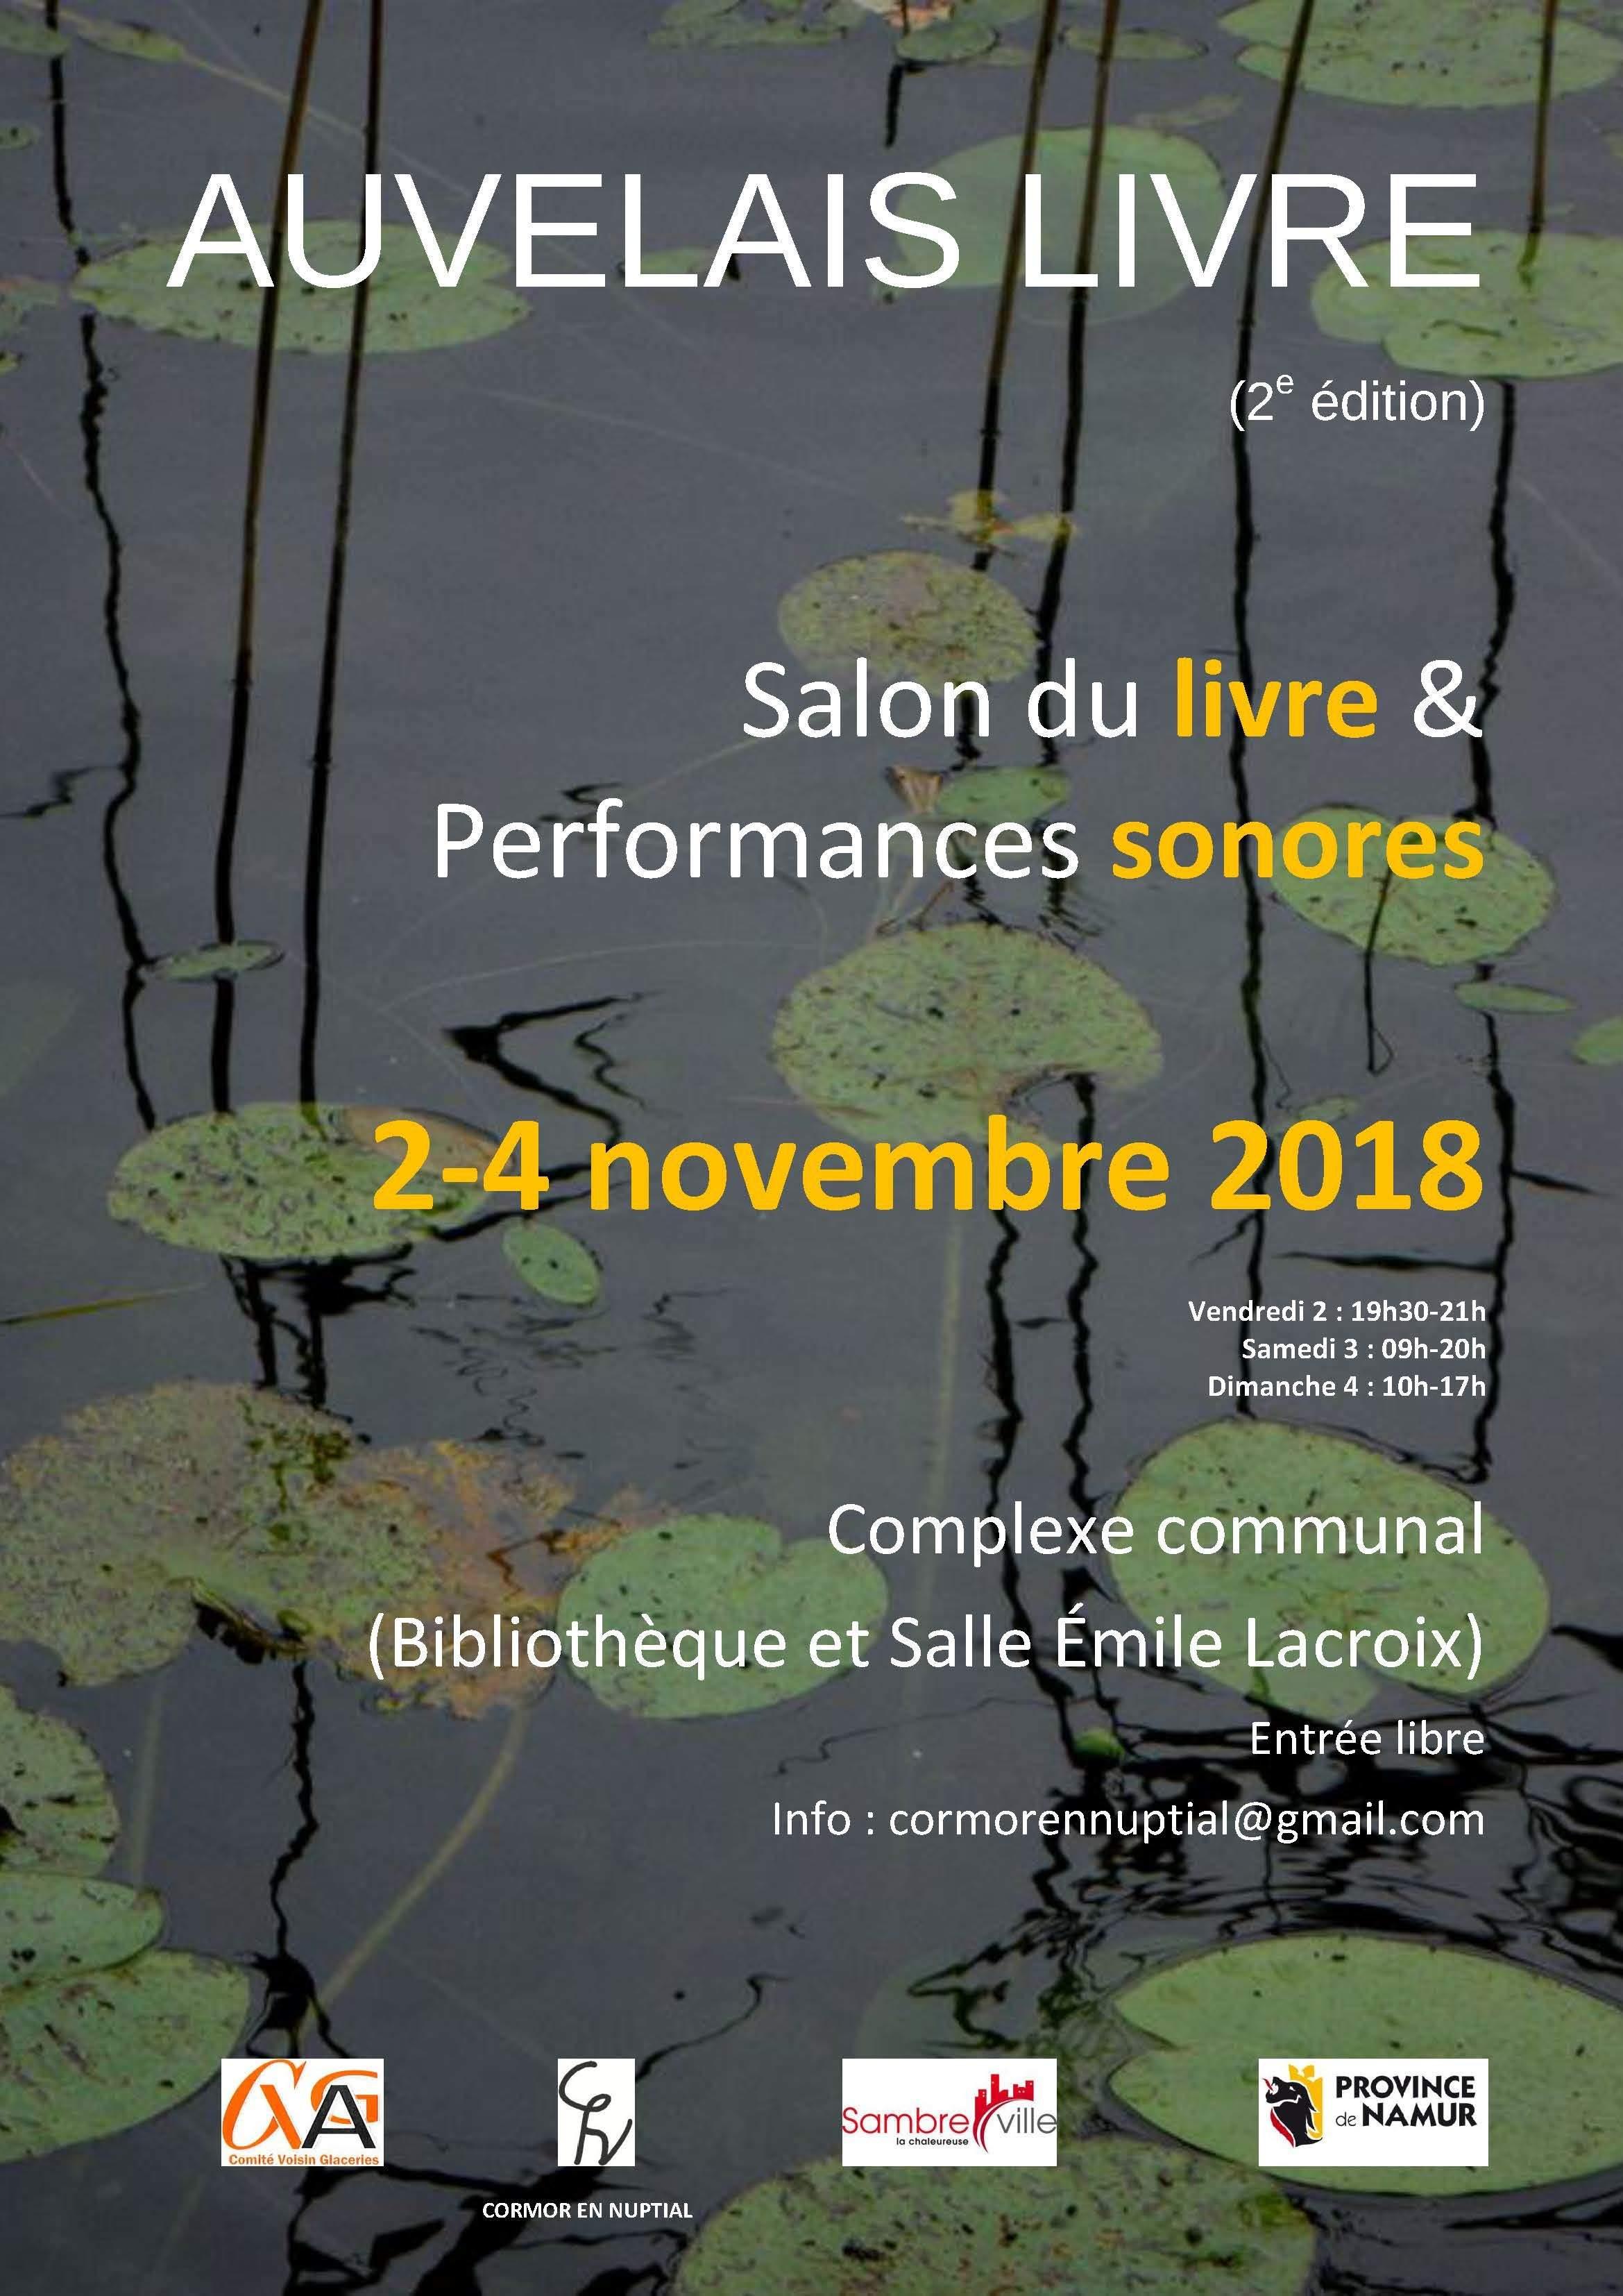 Auvelais livre 2018 - Salon du livre / Performances sonores